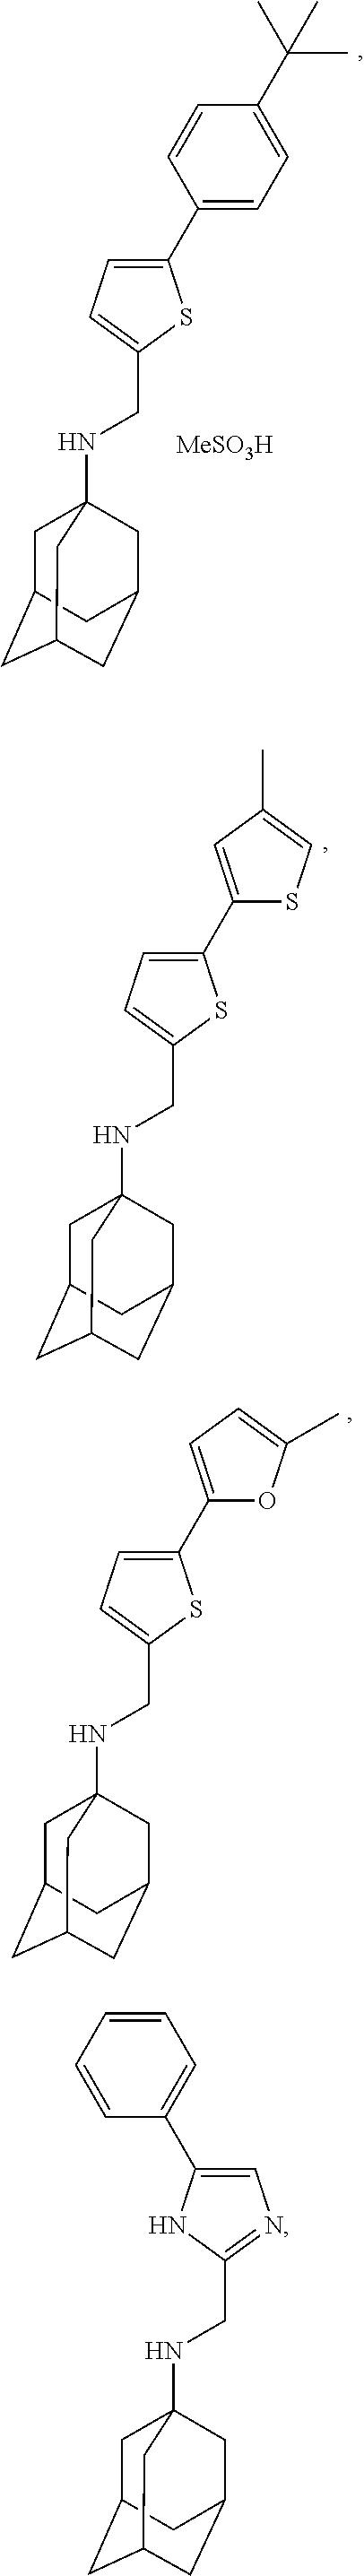 Figure US09884832-20180206-C00087